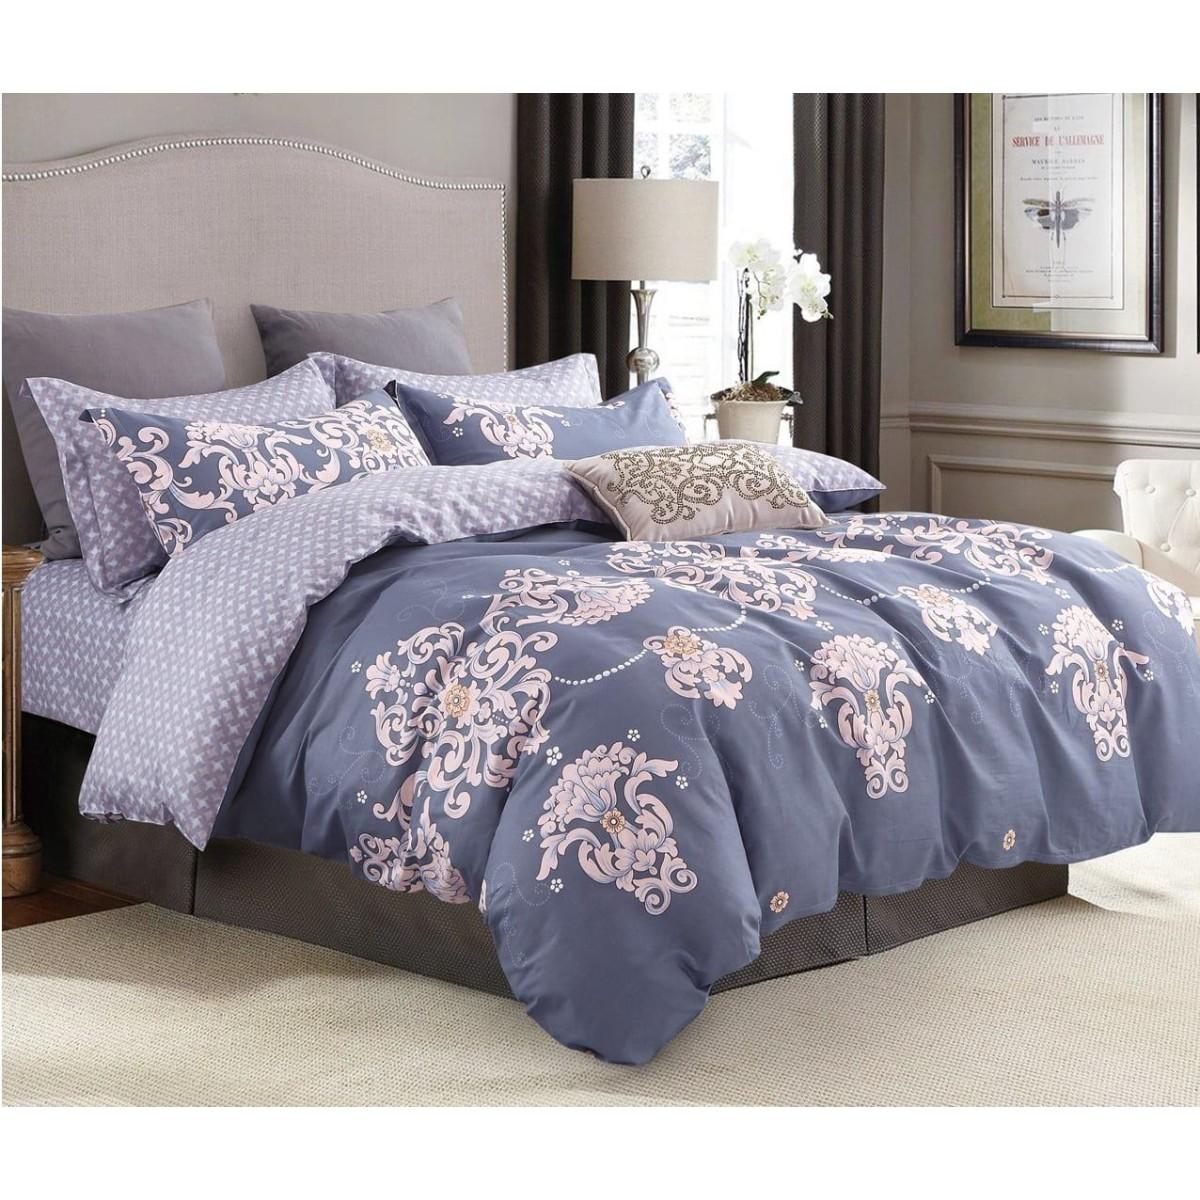 Комплект постельного белья 15-спальный Jardin 3420/813